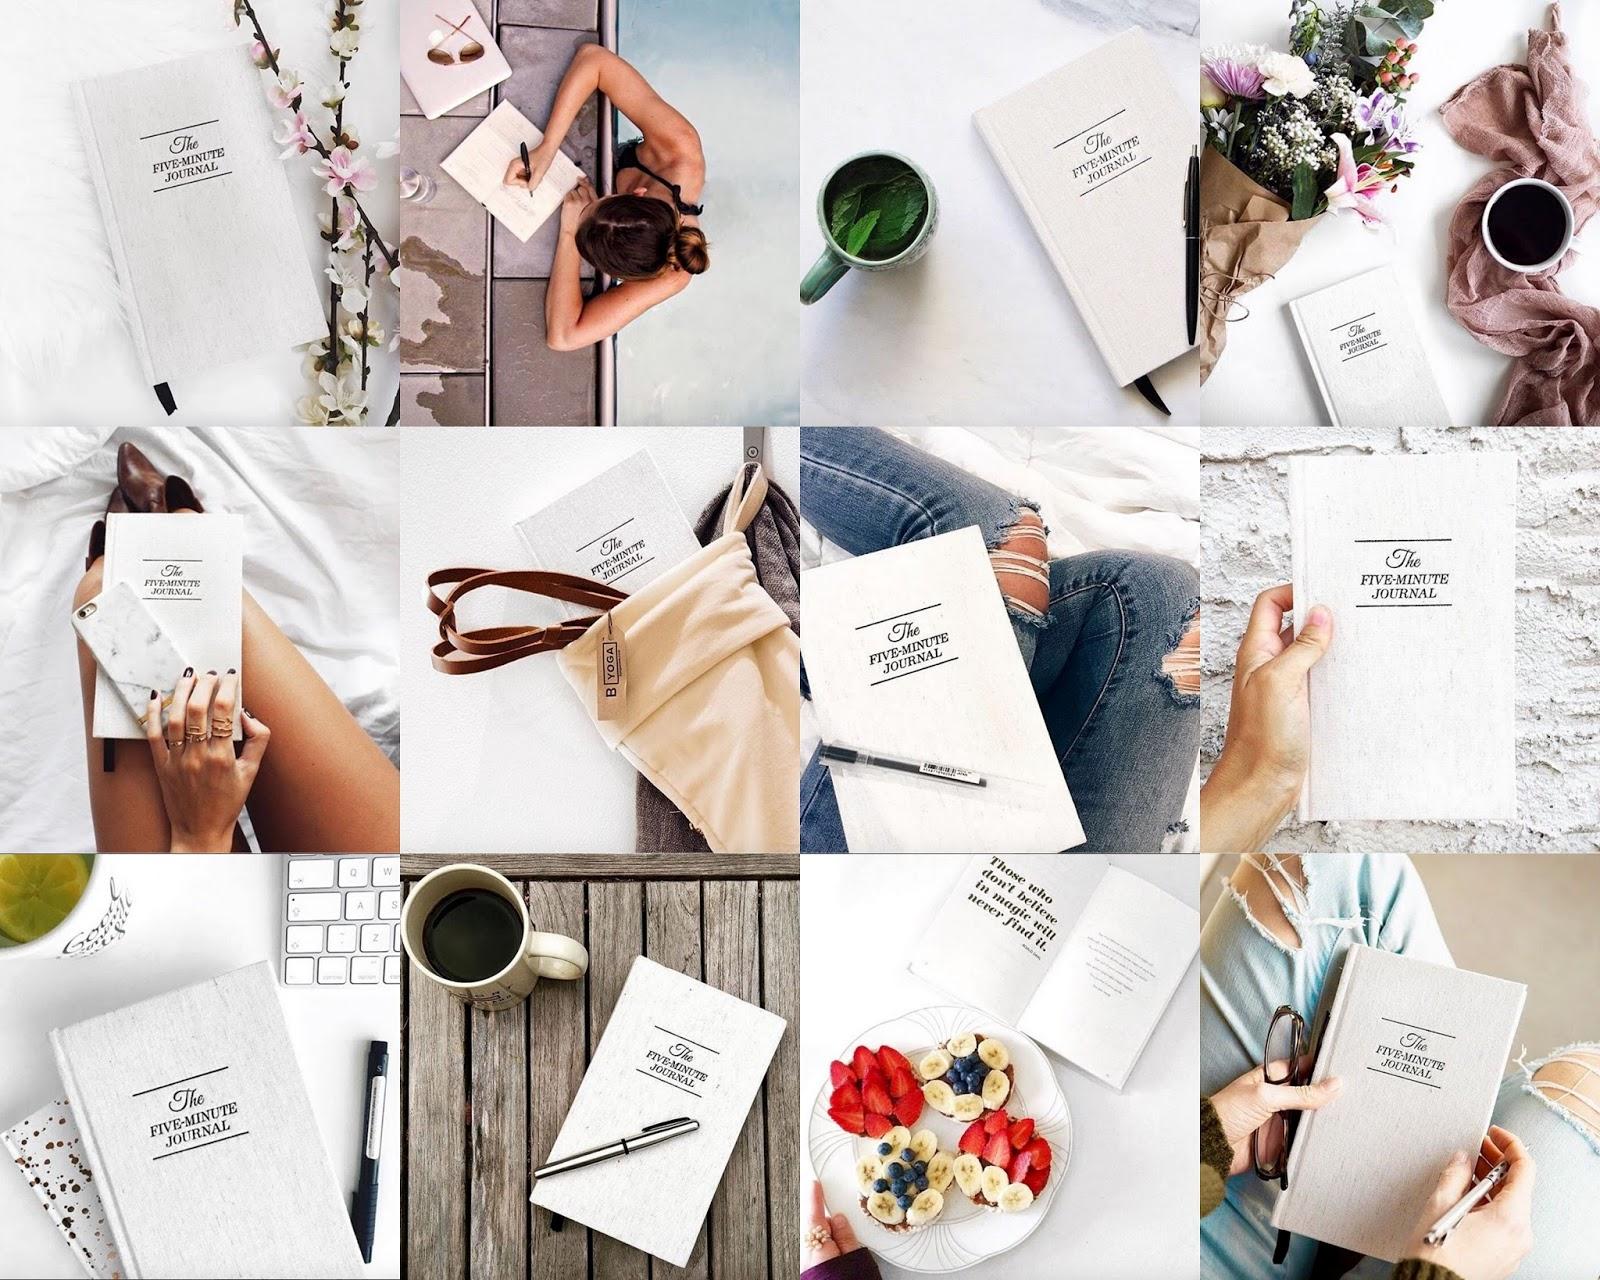 tipy pro štěstí deník vděčnosti šťastný život